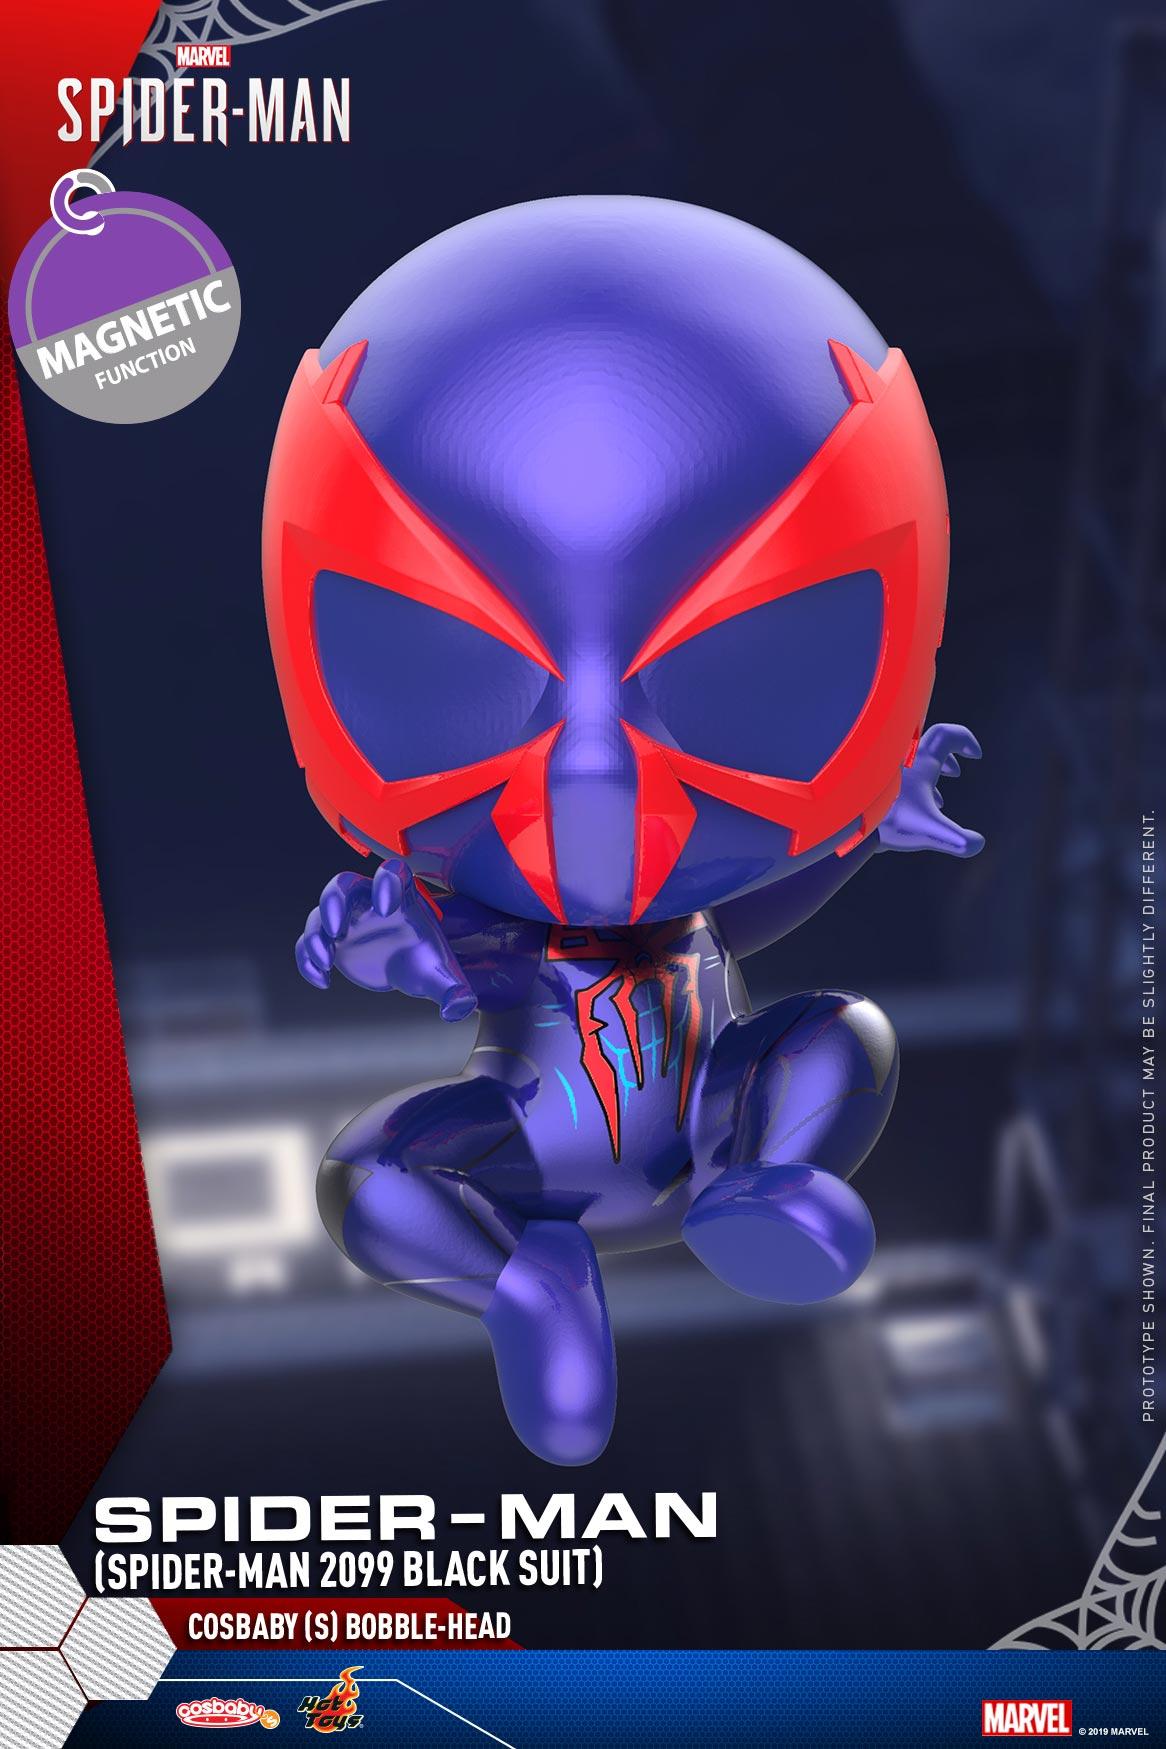 Hot-Toys---Marvel-Spider-Man---Spider-Man-(Spider-Man-2099-Black-Suit)-Cosbaby-(S)_PR1